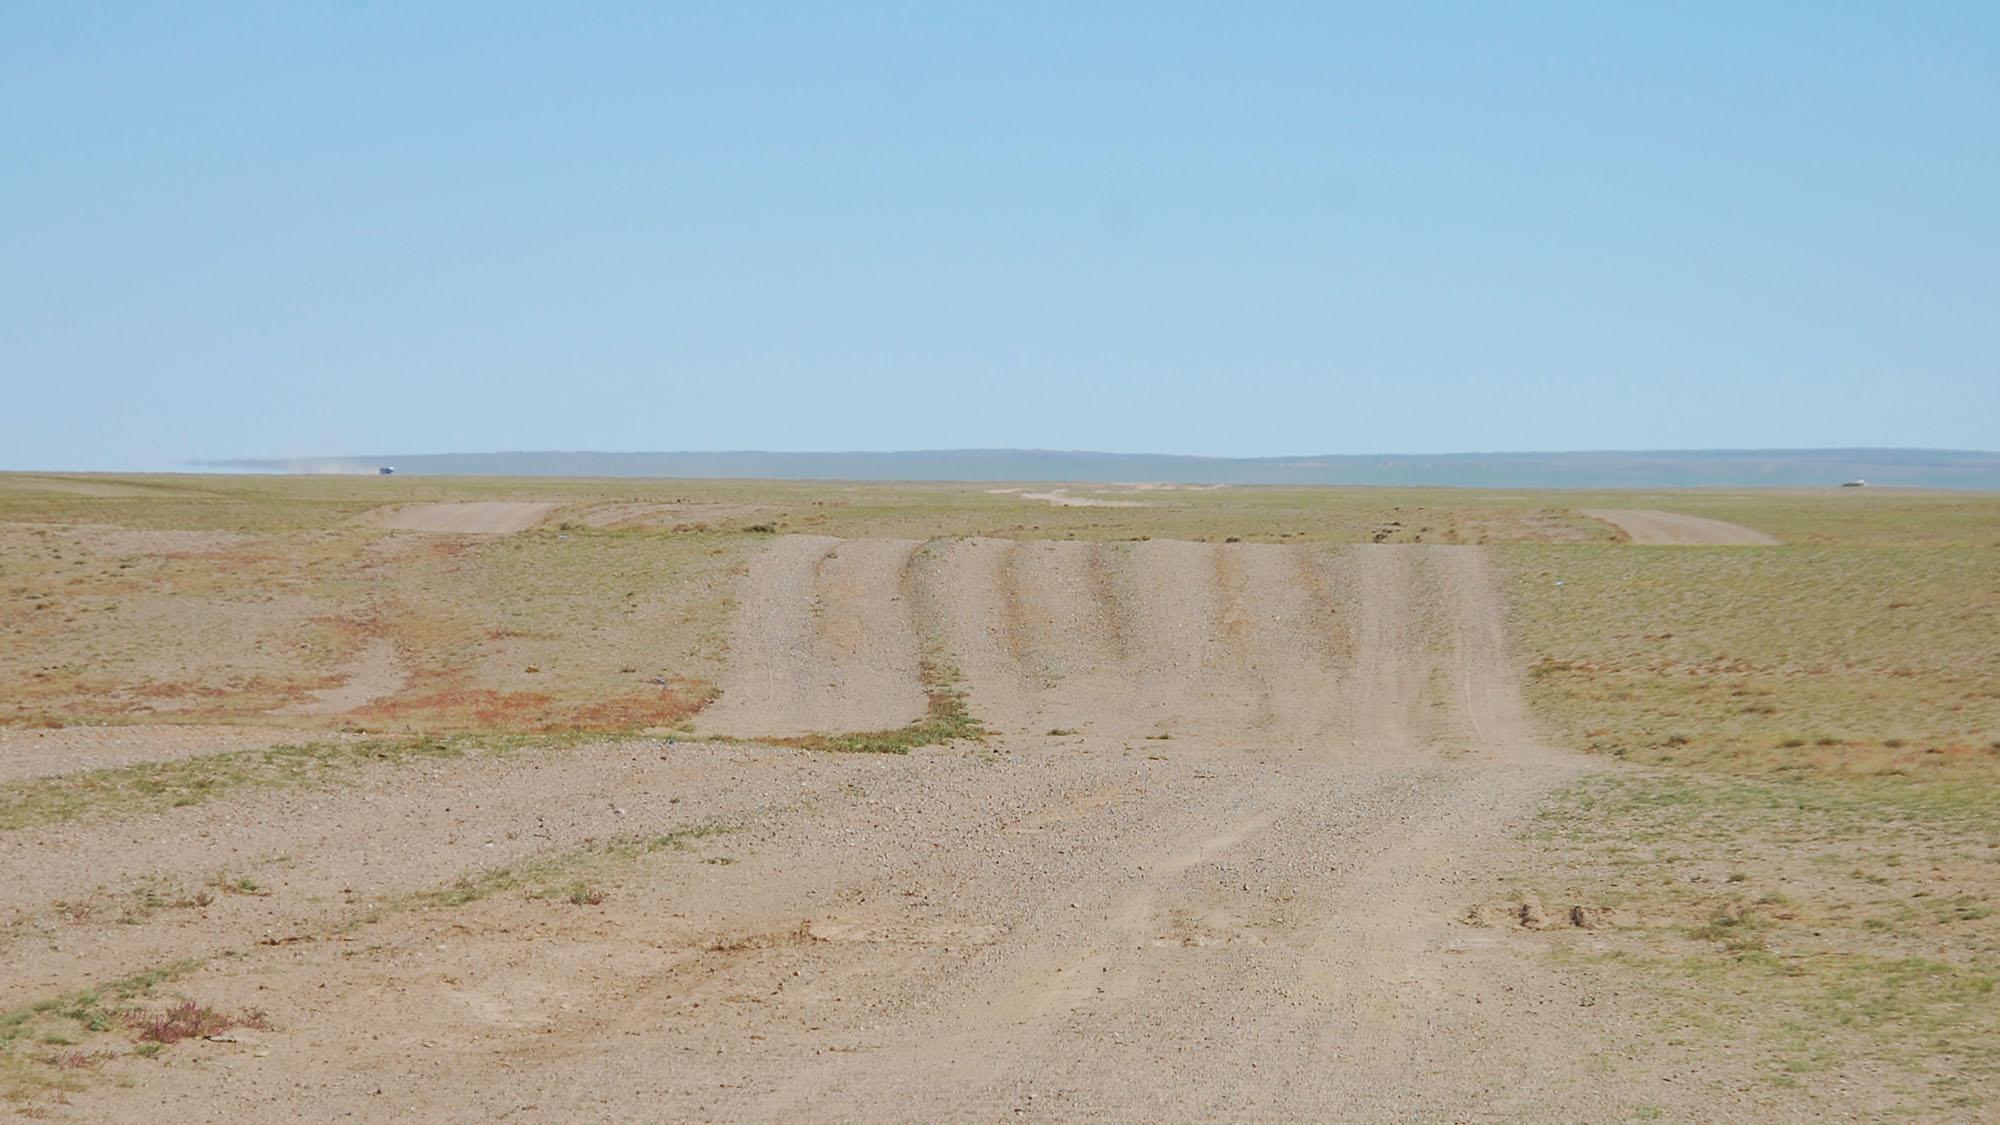 Jepp, fire-felts vei midt i Gobi-ørkenen!